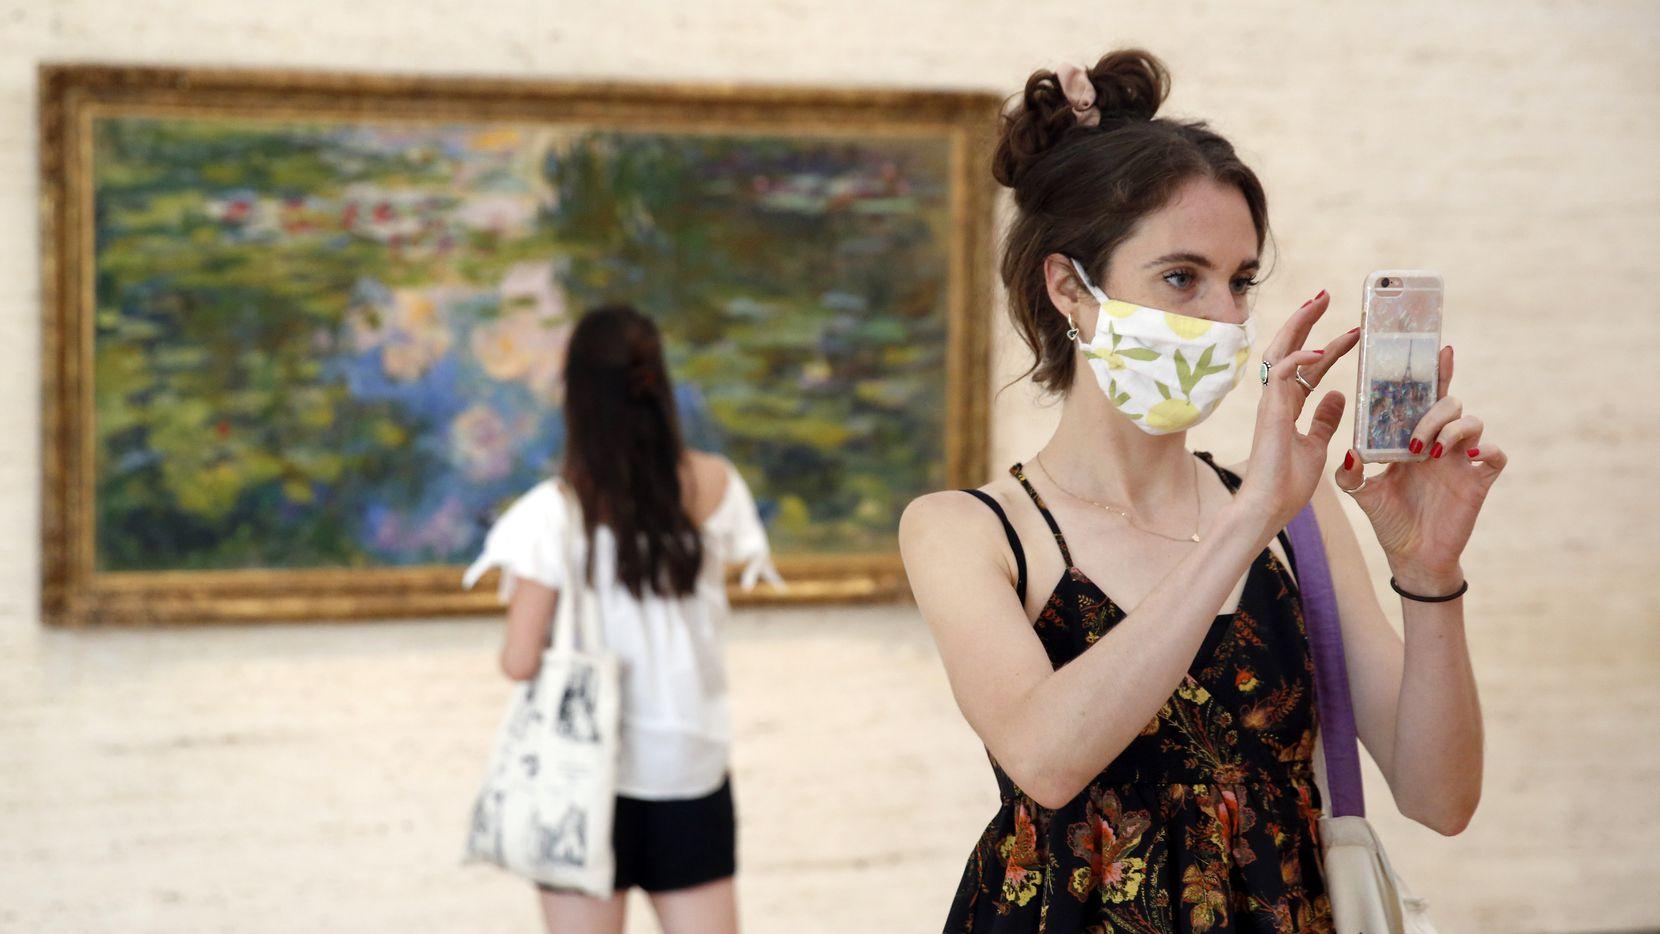 Libby Krueger de Fort Worth toma una foto de una de las obras en el Kimball Art Museum en compañía de su amiga Kimberly Brubacher.